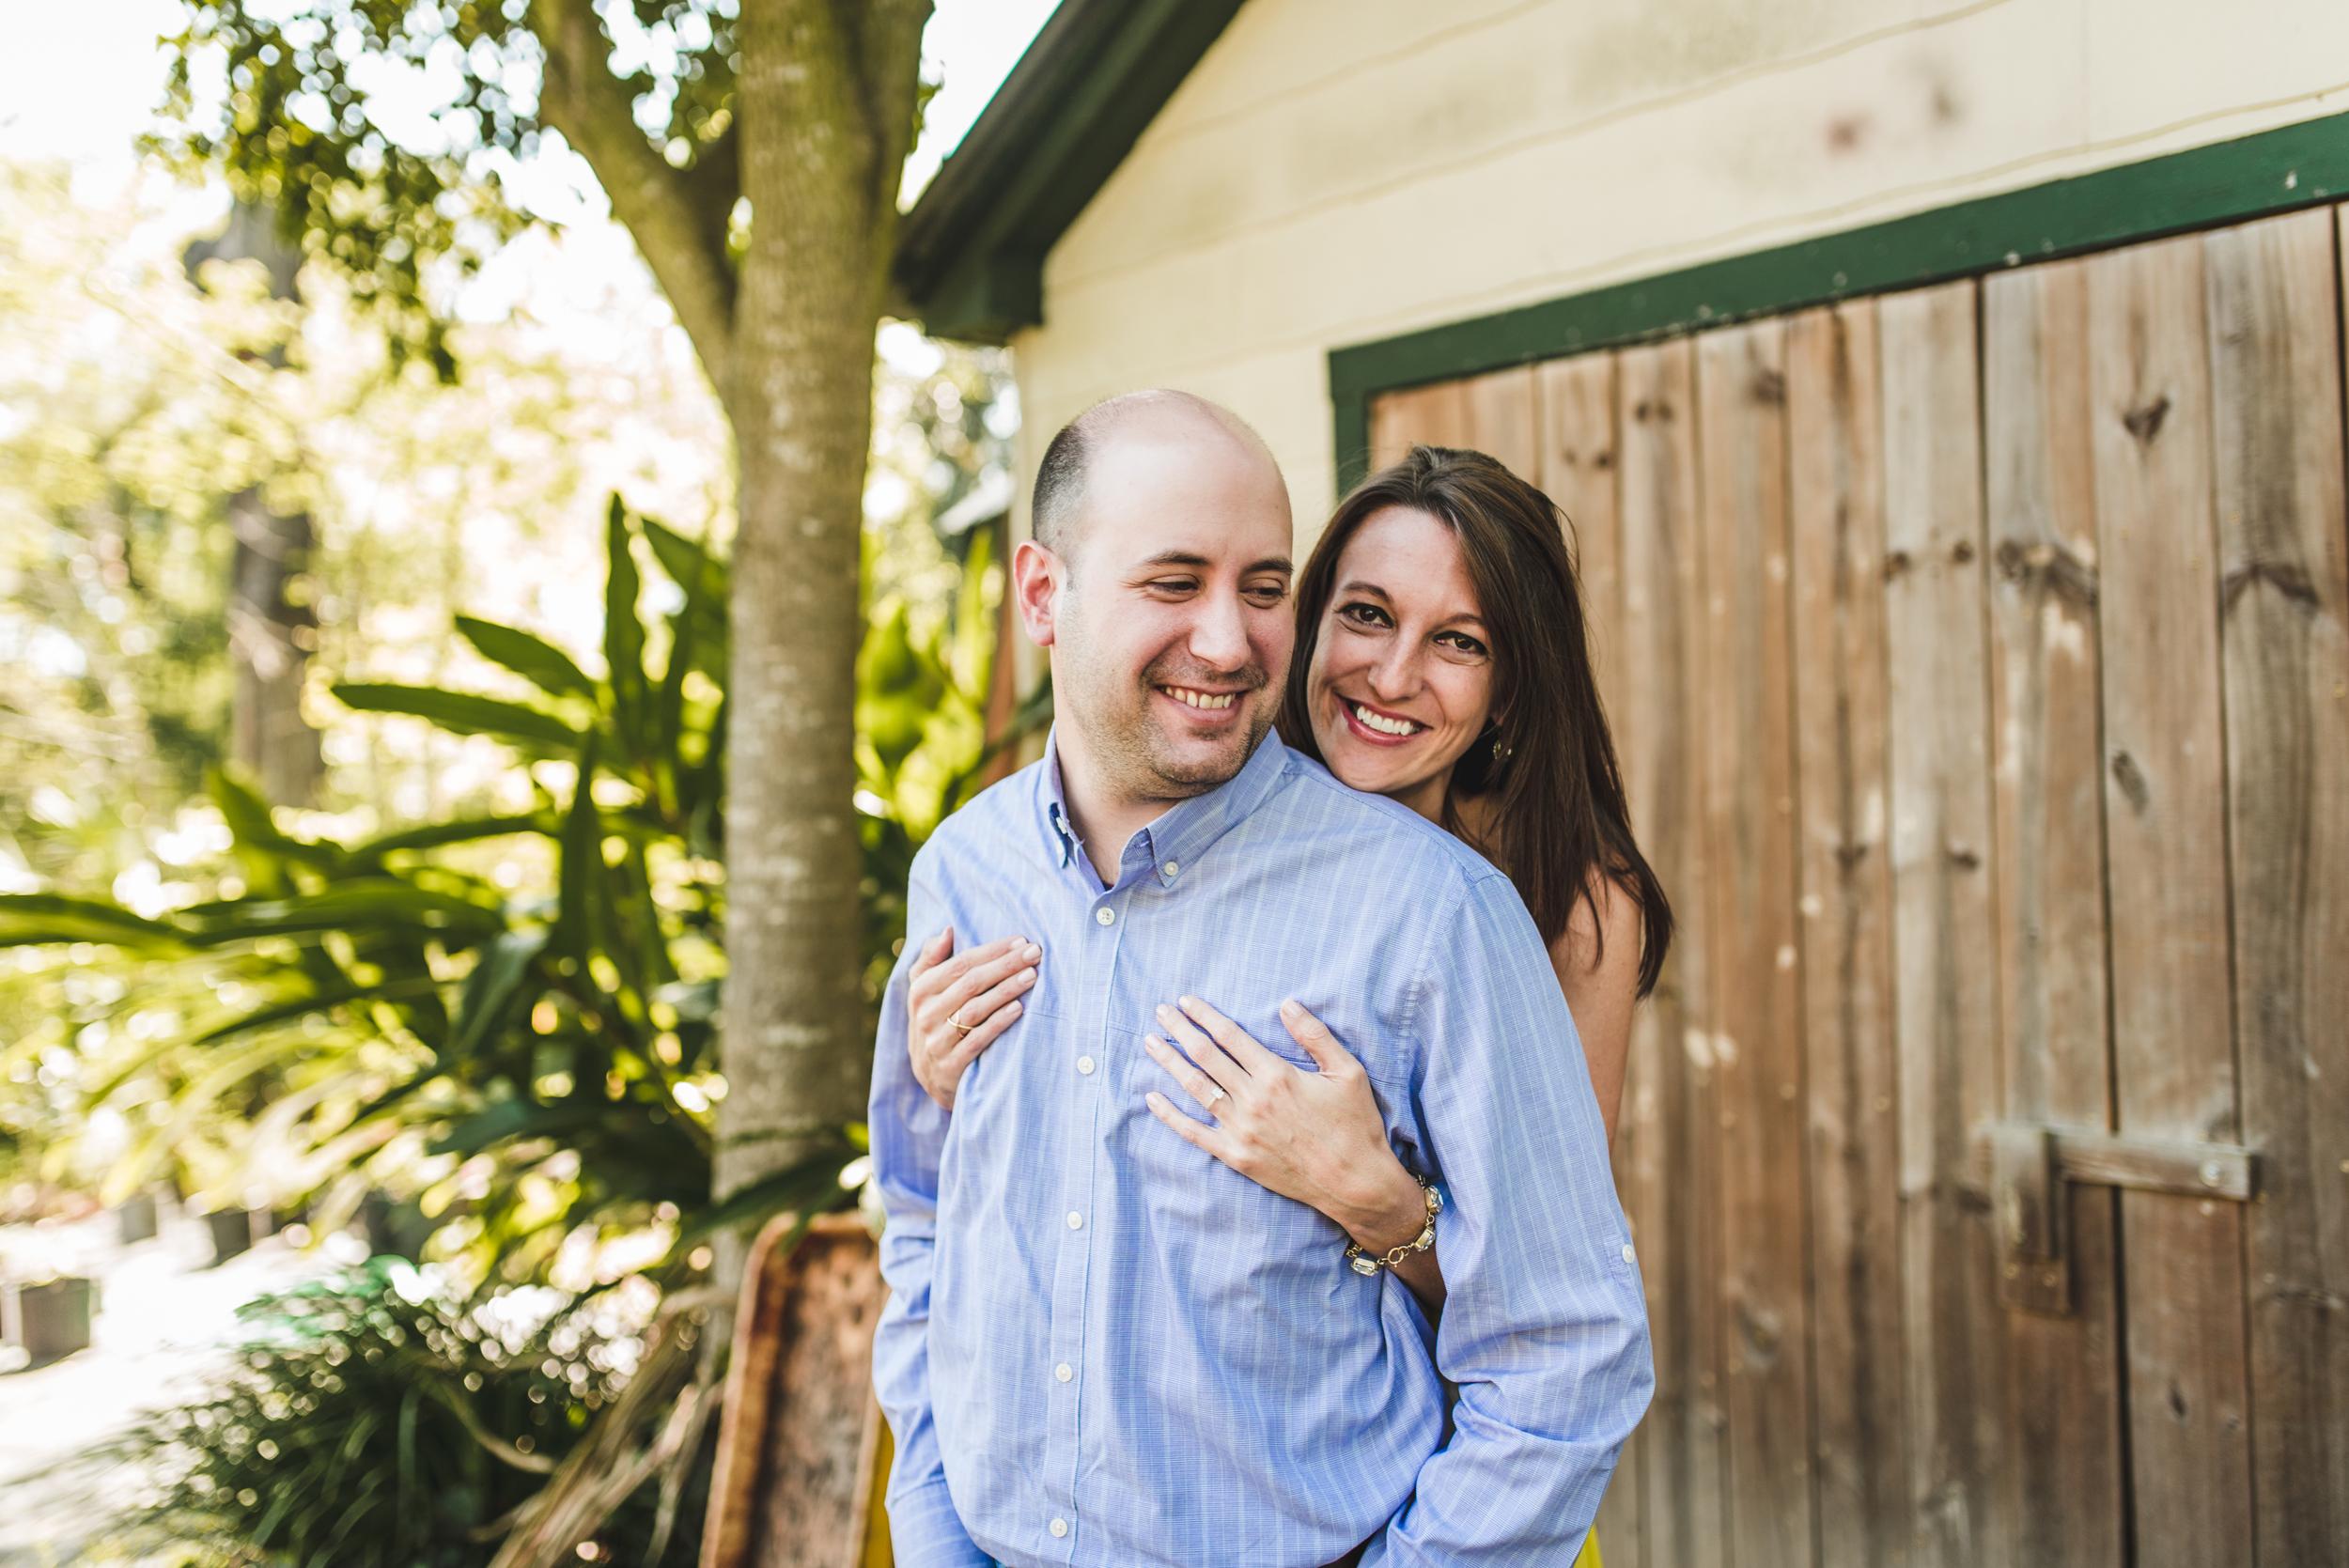 Baton Rouge Photography Engagement Session